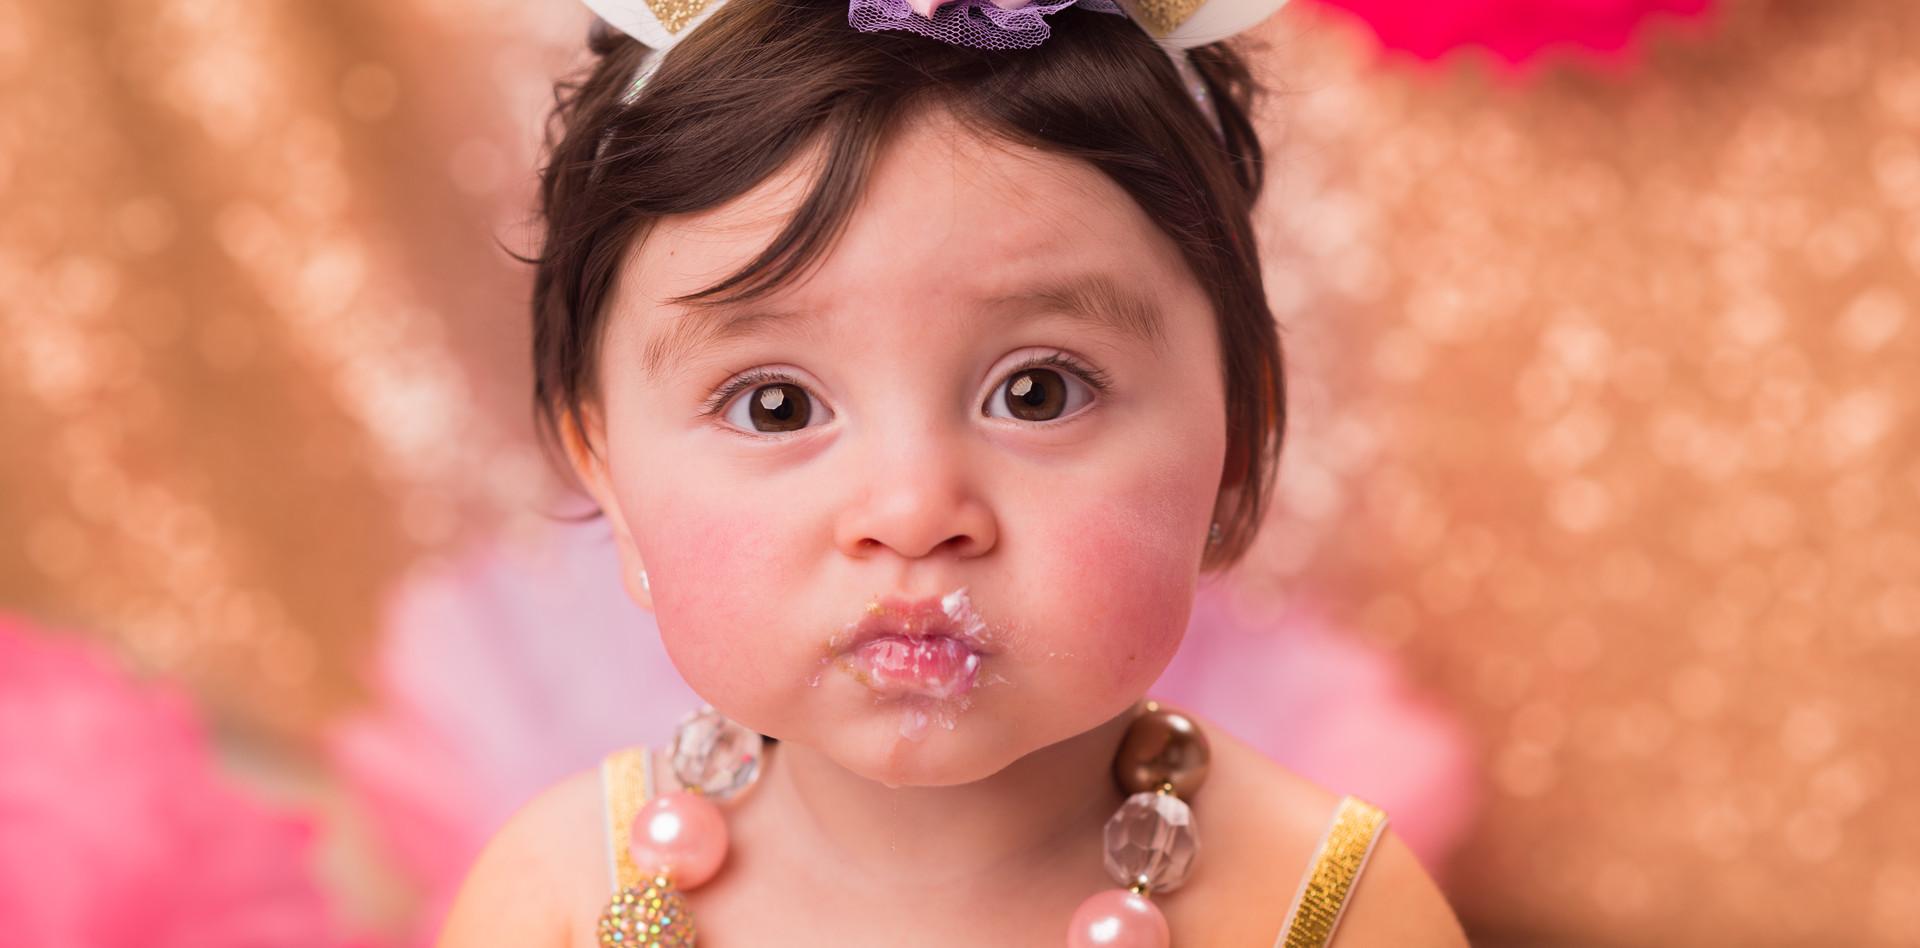 Chubby cheeks baby girl